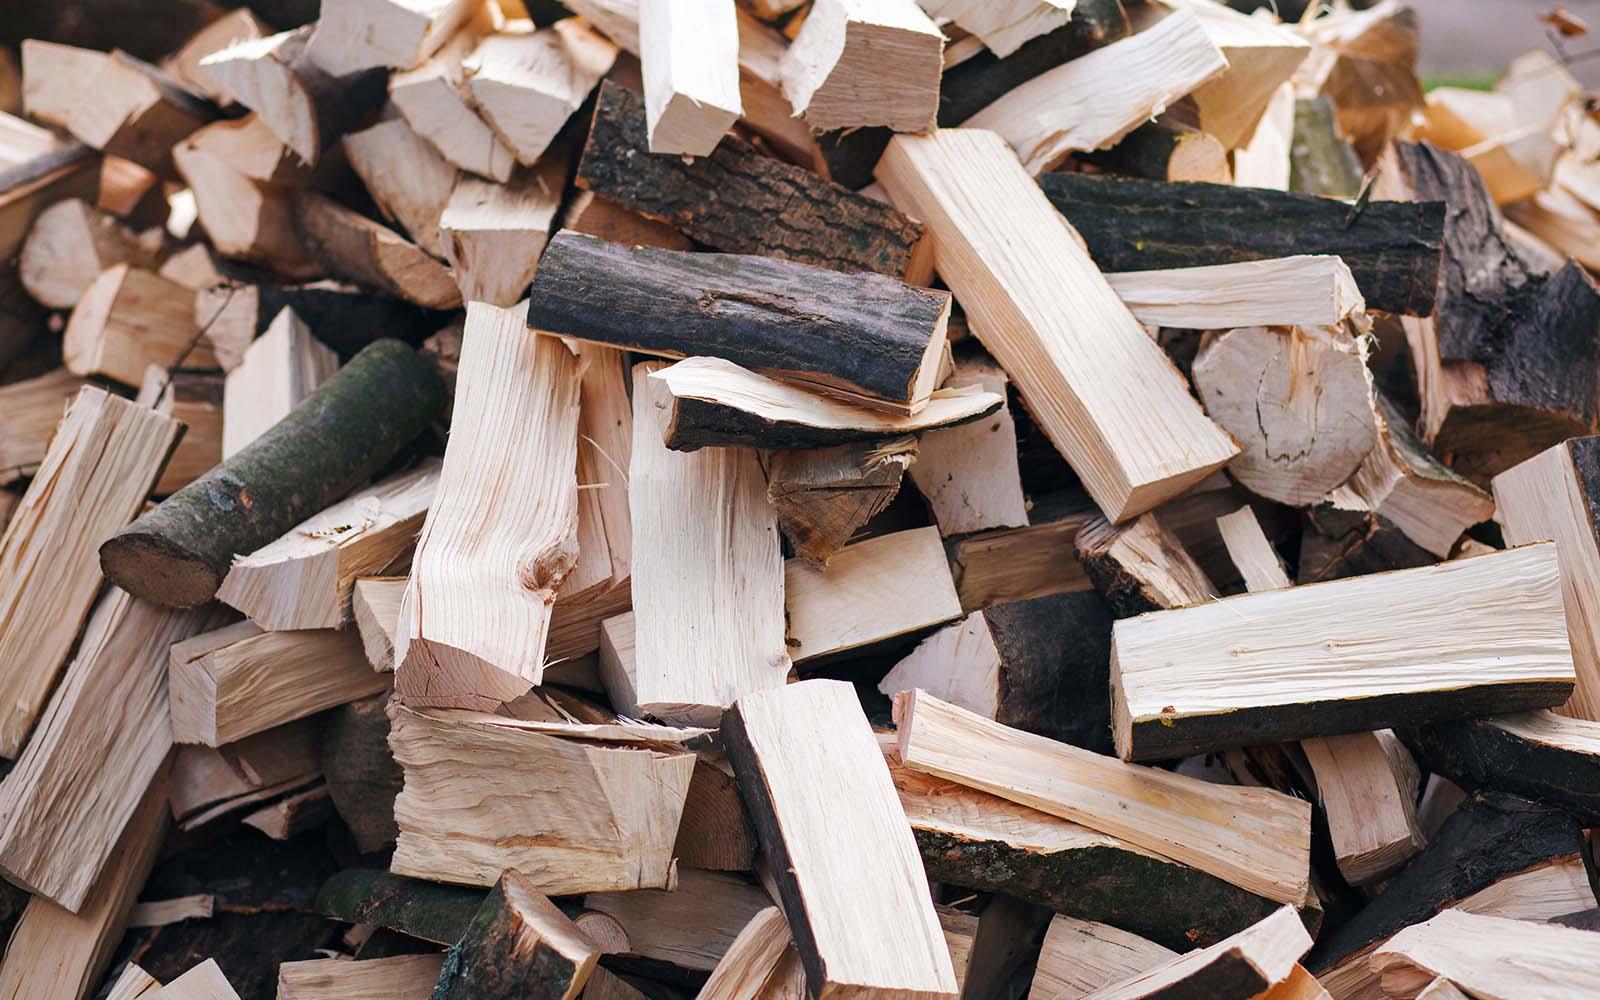 la vendita e il commercio di legna da ardere di essenza forte, proveniente da boschi certificati di faggio, rovere e carpino